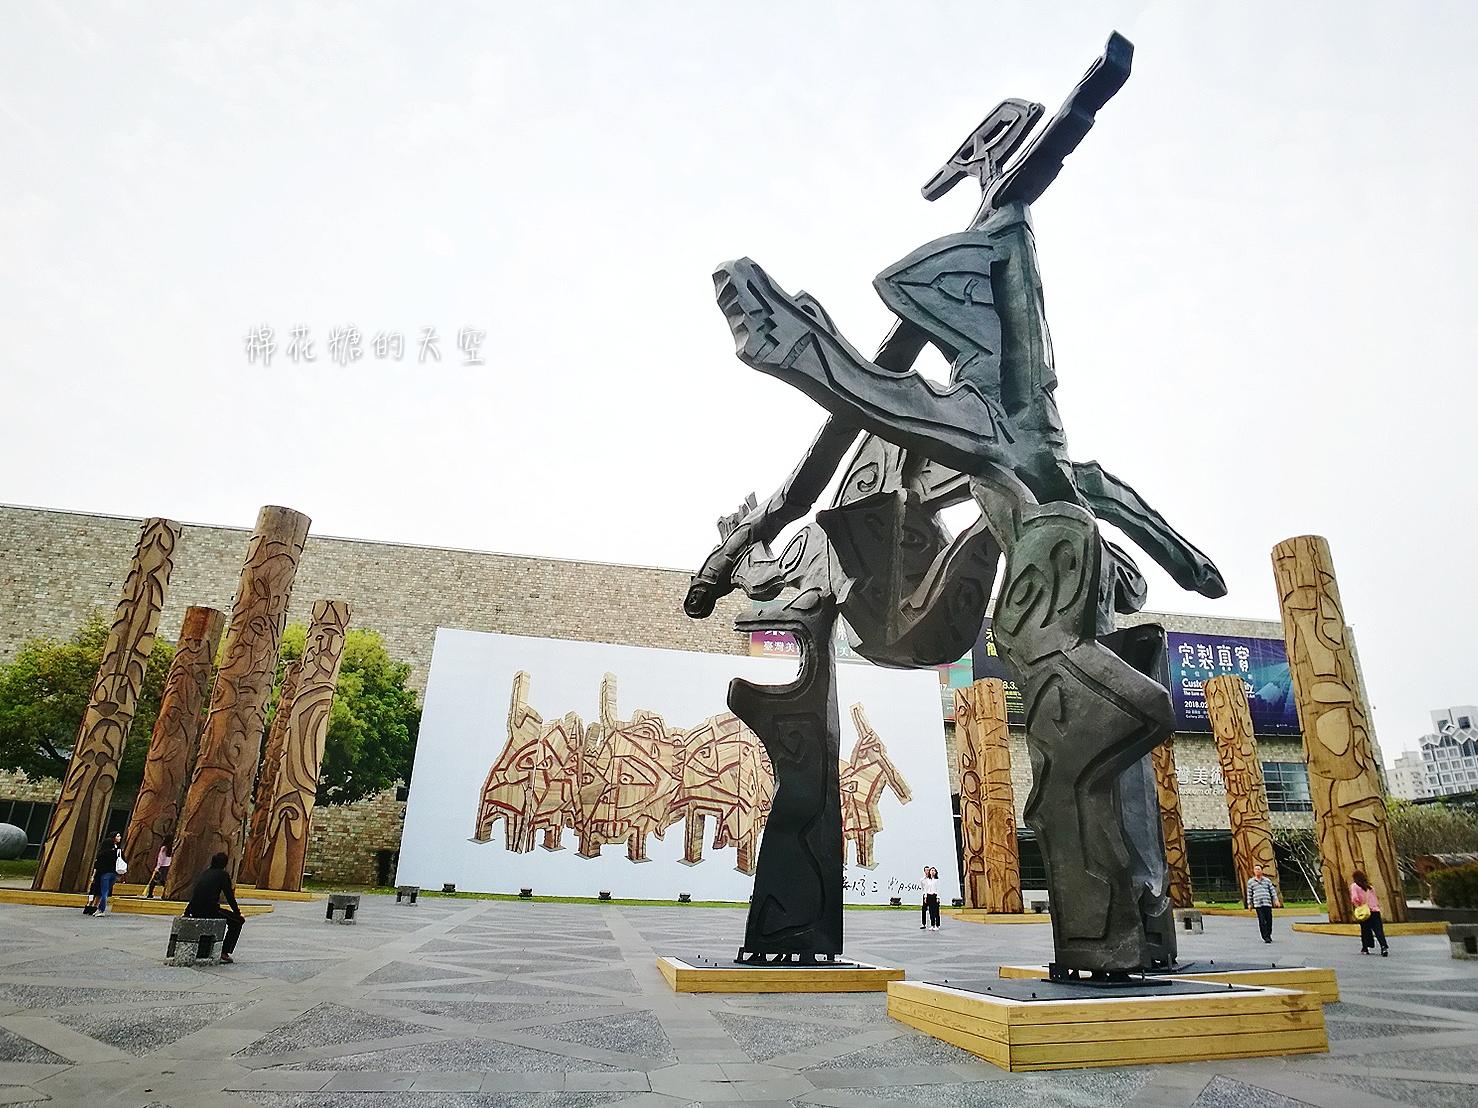 20180319190523 81 - 國立美術館被外星人佔據了?!五層樓高巨型雕塑被巨木圍繞好像電影場景!吳炫三回顧展